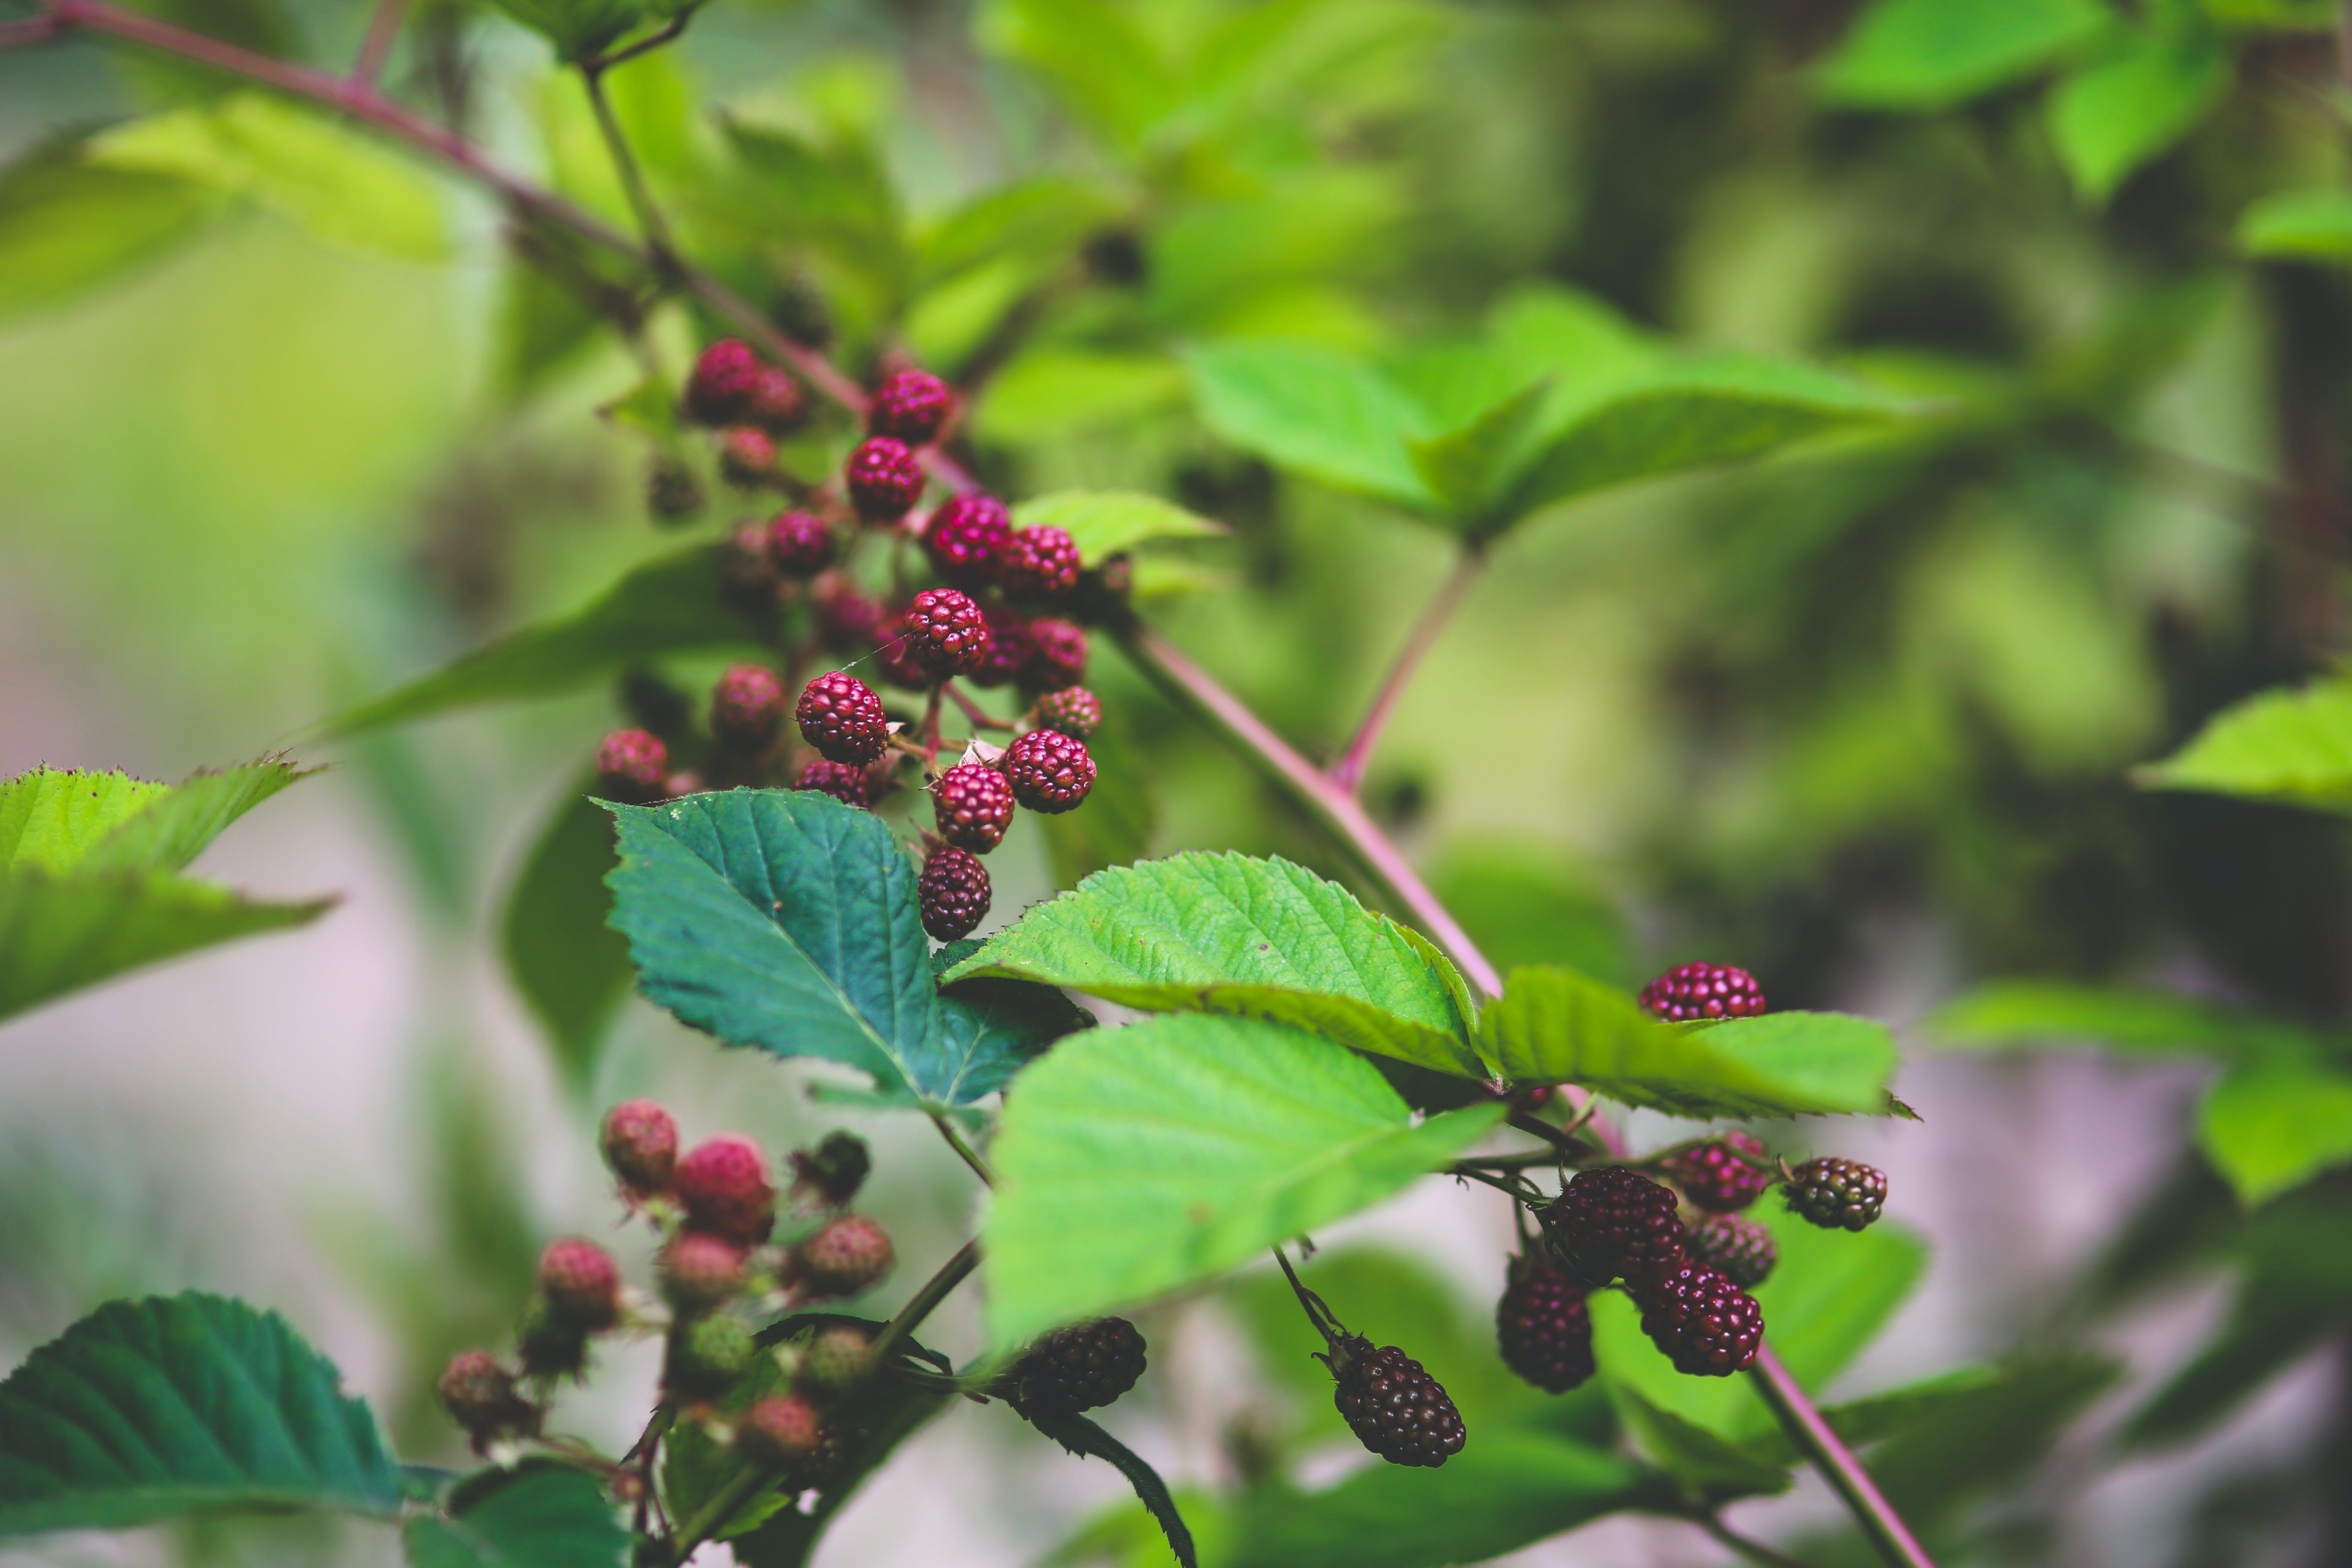 Young blackberries II